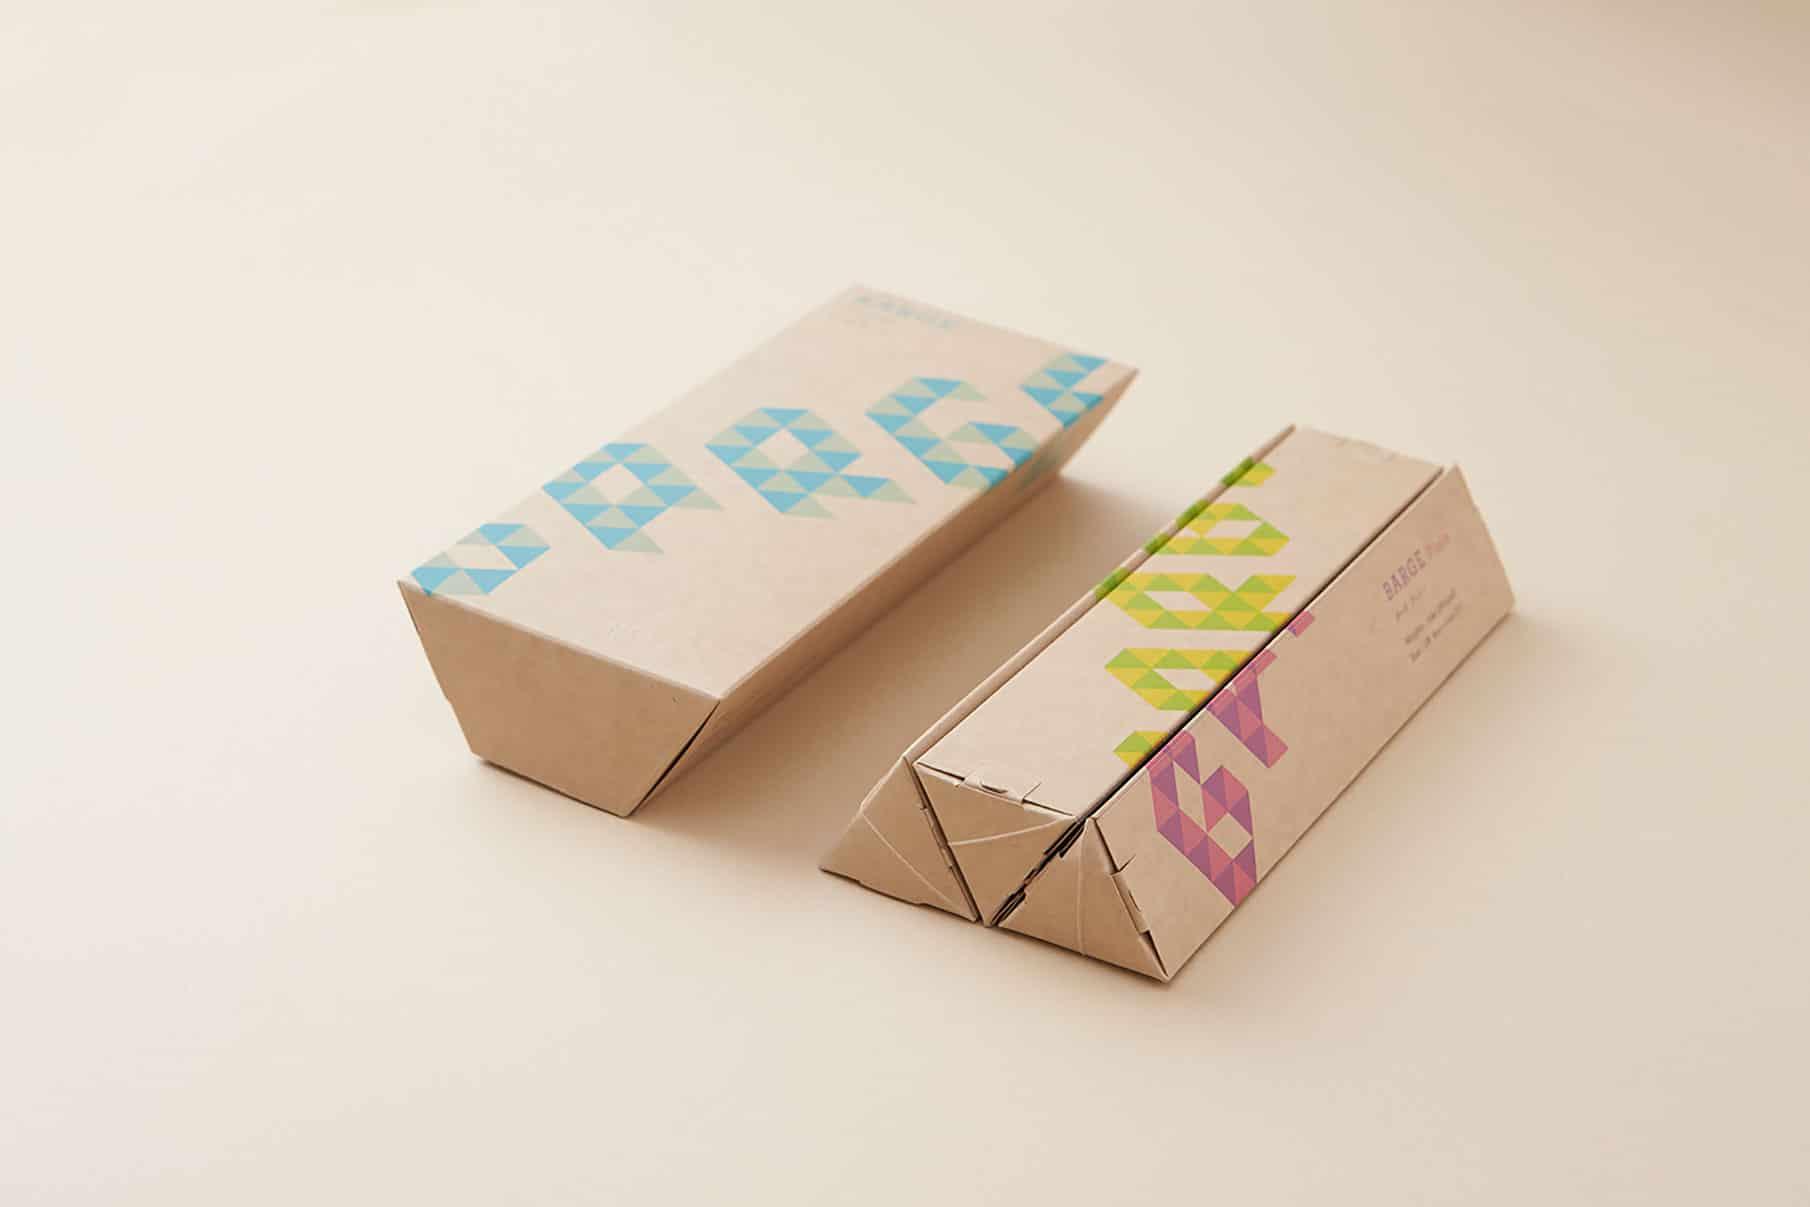 Barge - Promotion Box 1